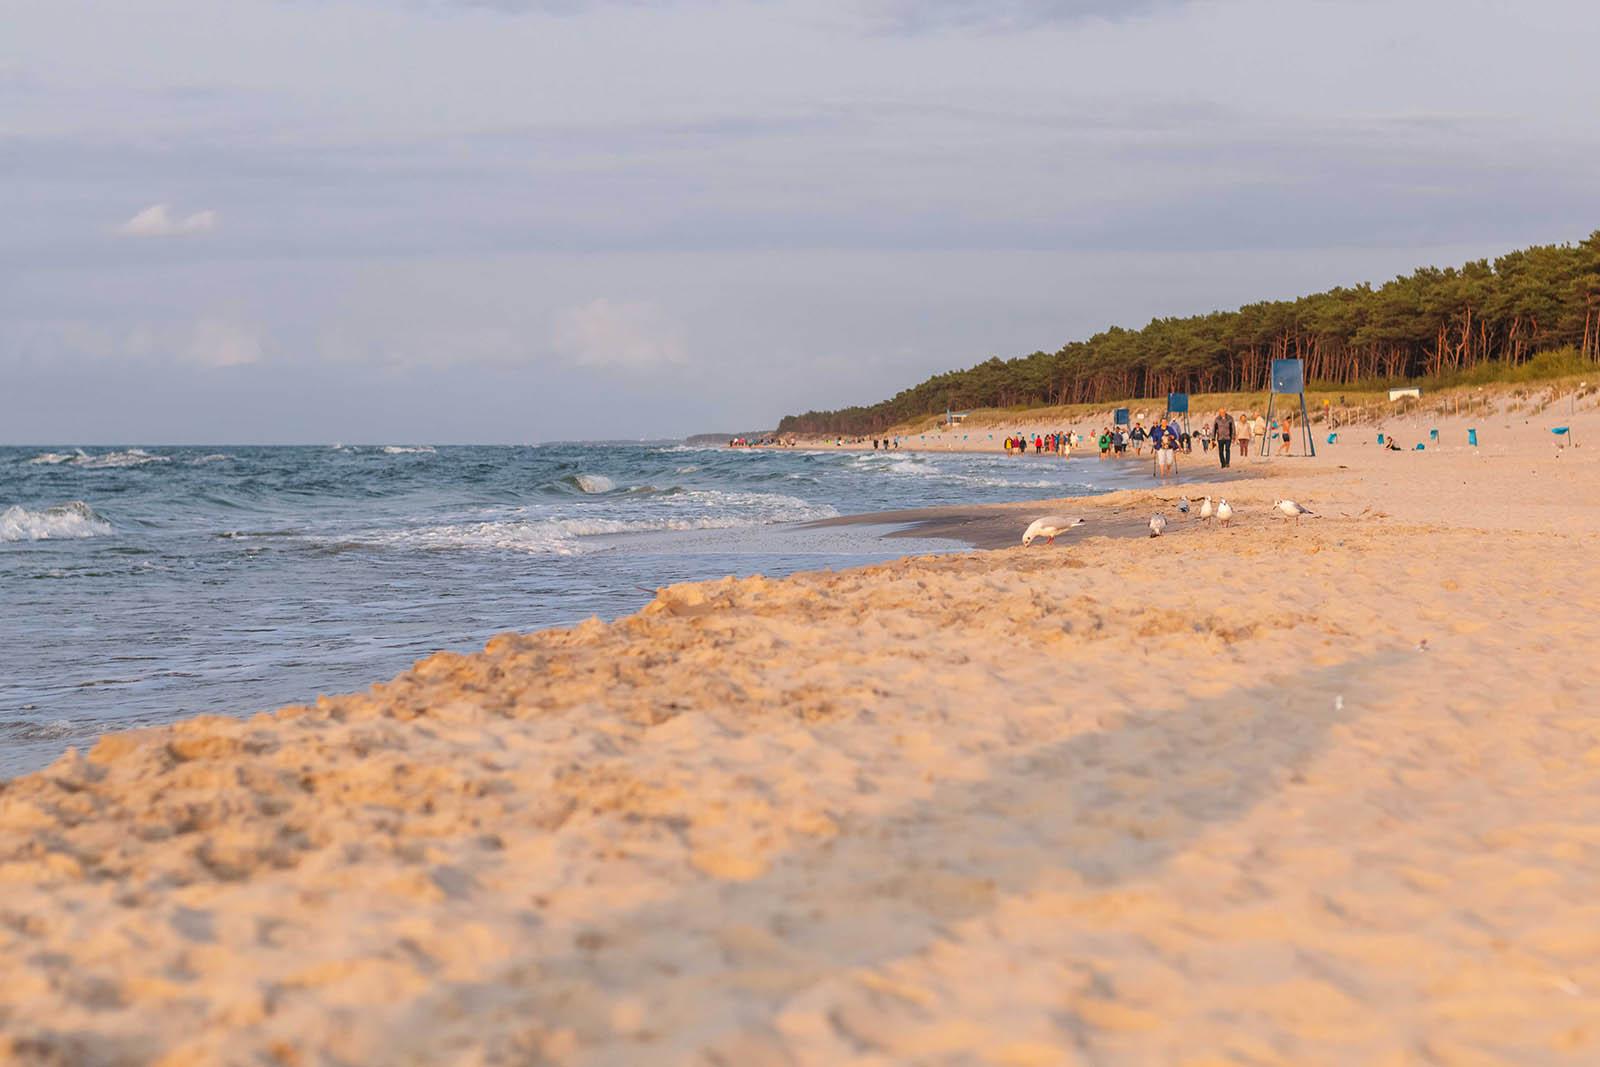 Plaża miejsca wMrzeżynie